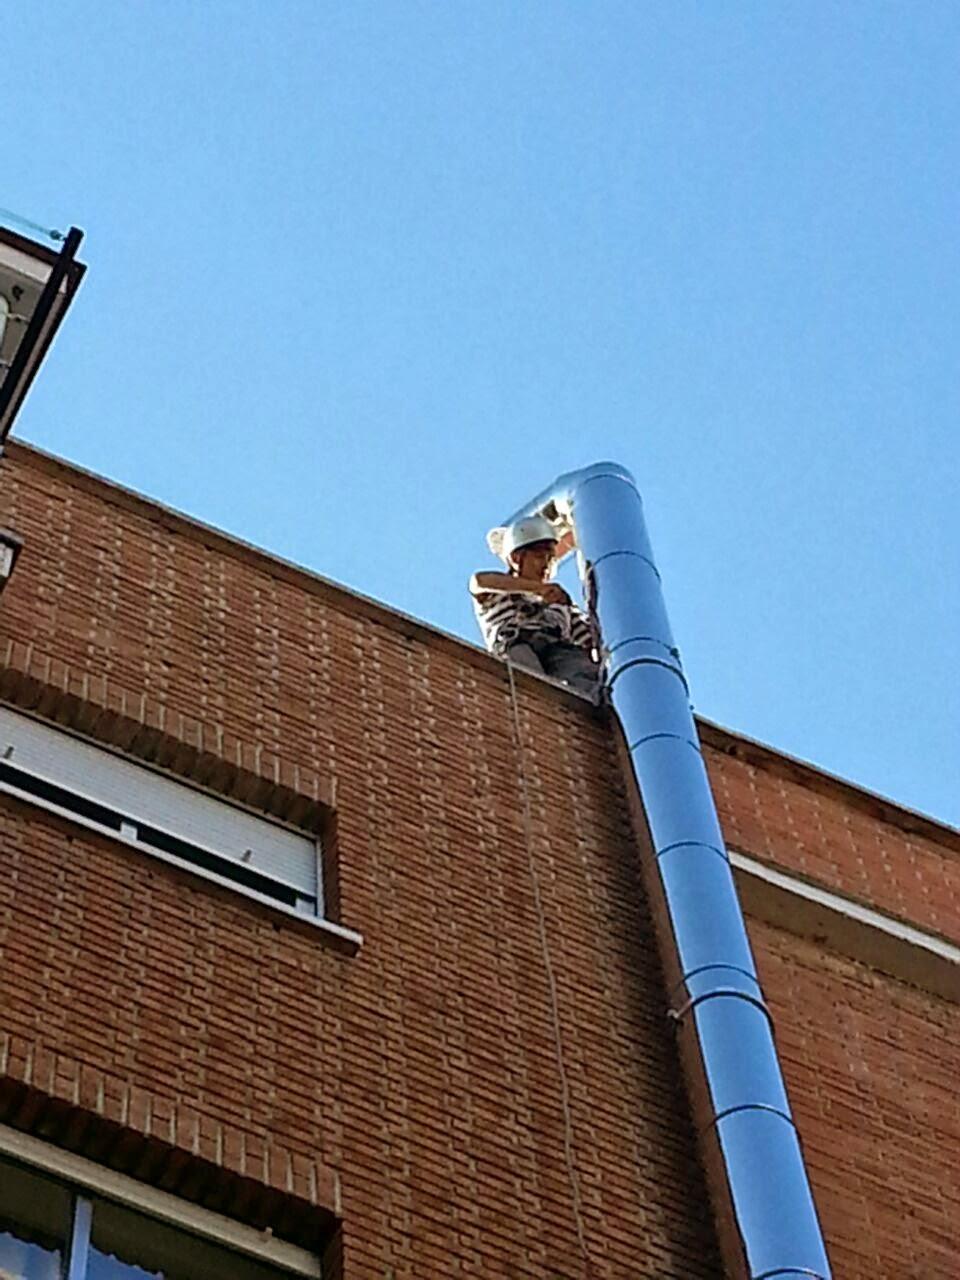 Las chimeneas de ventilaci n y de salida de humos deben for Normativa salida de humos calderas